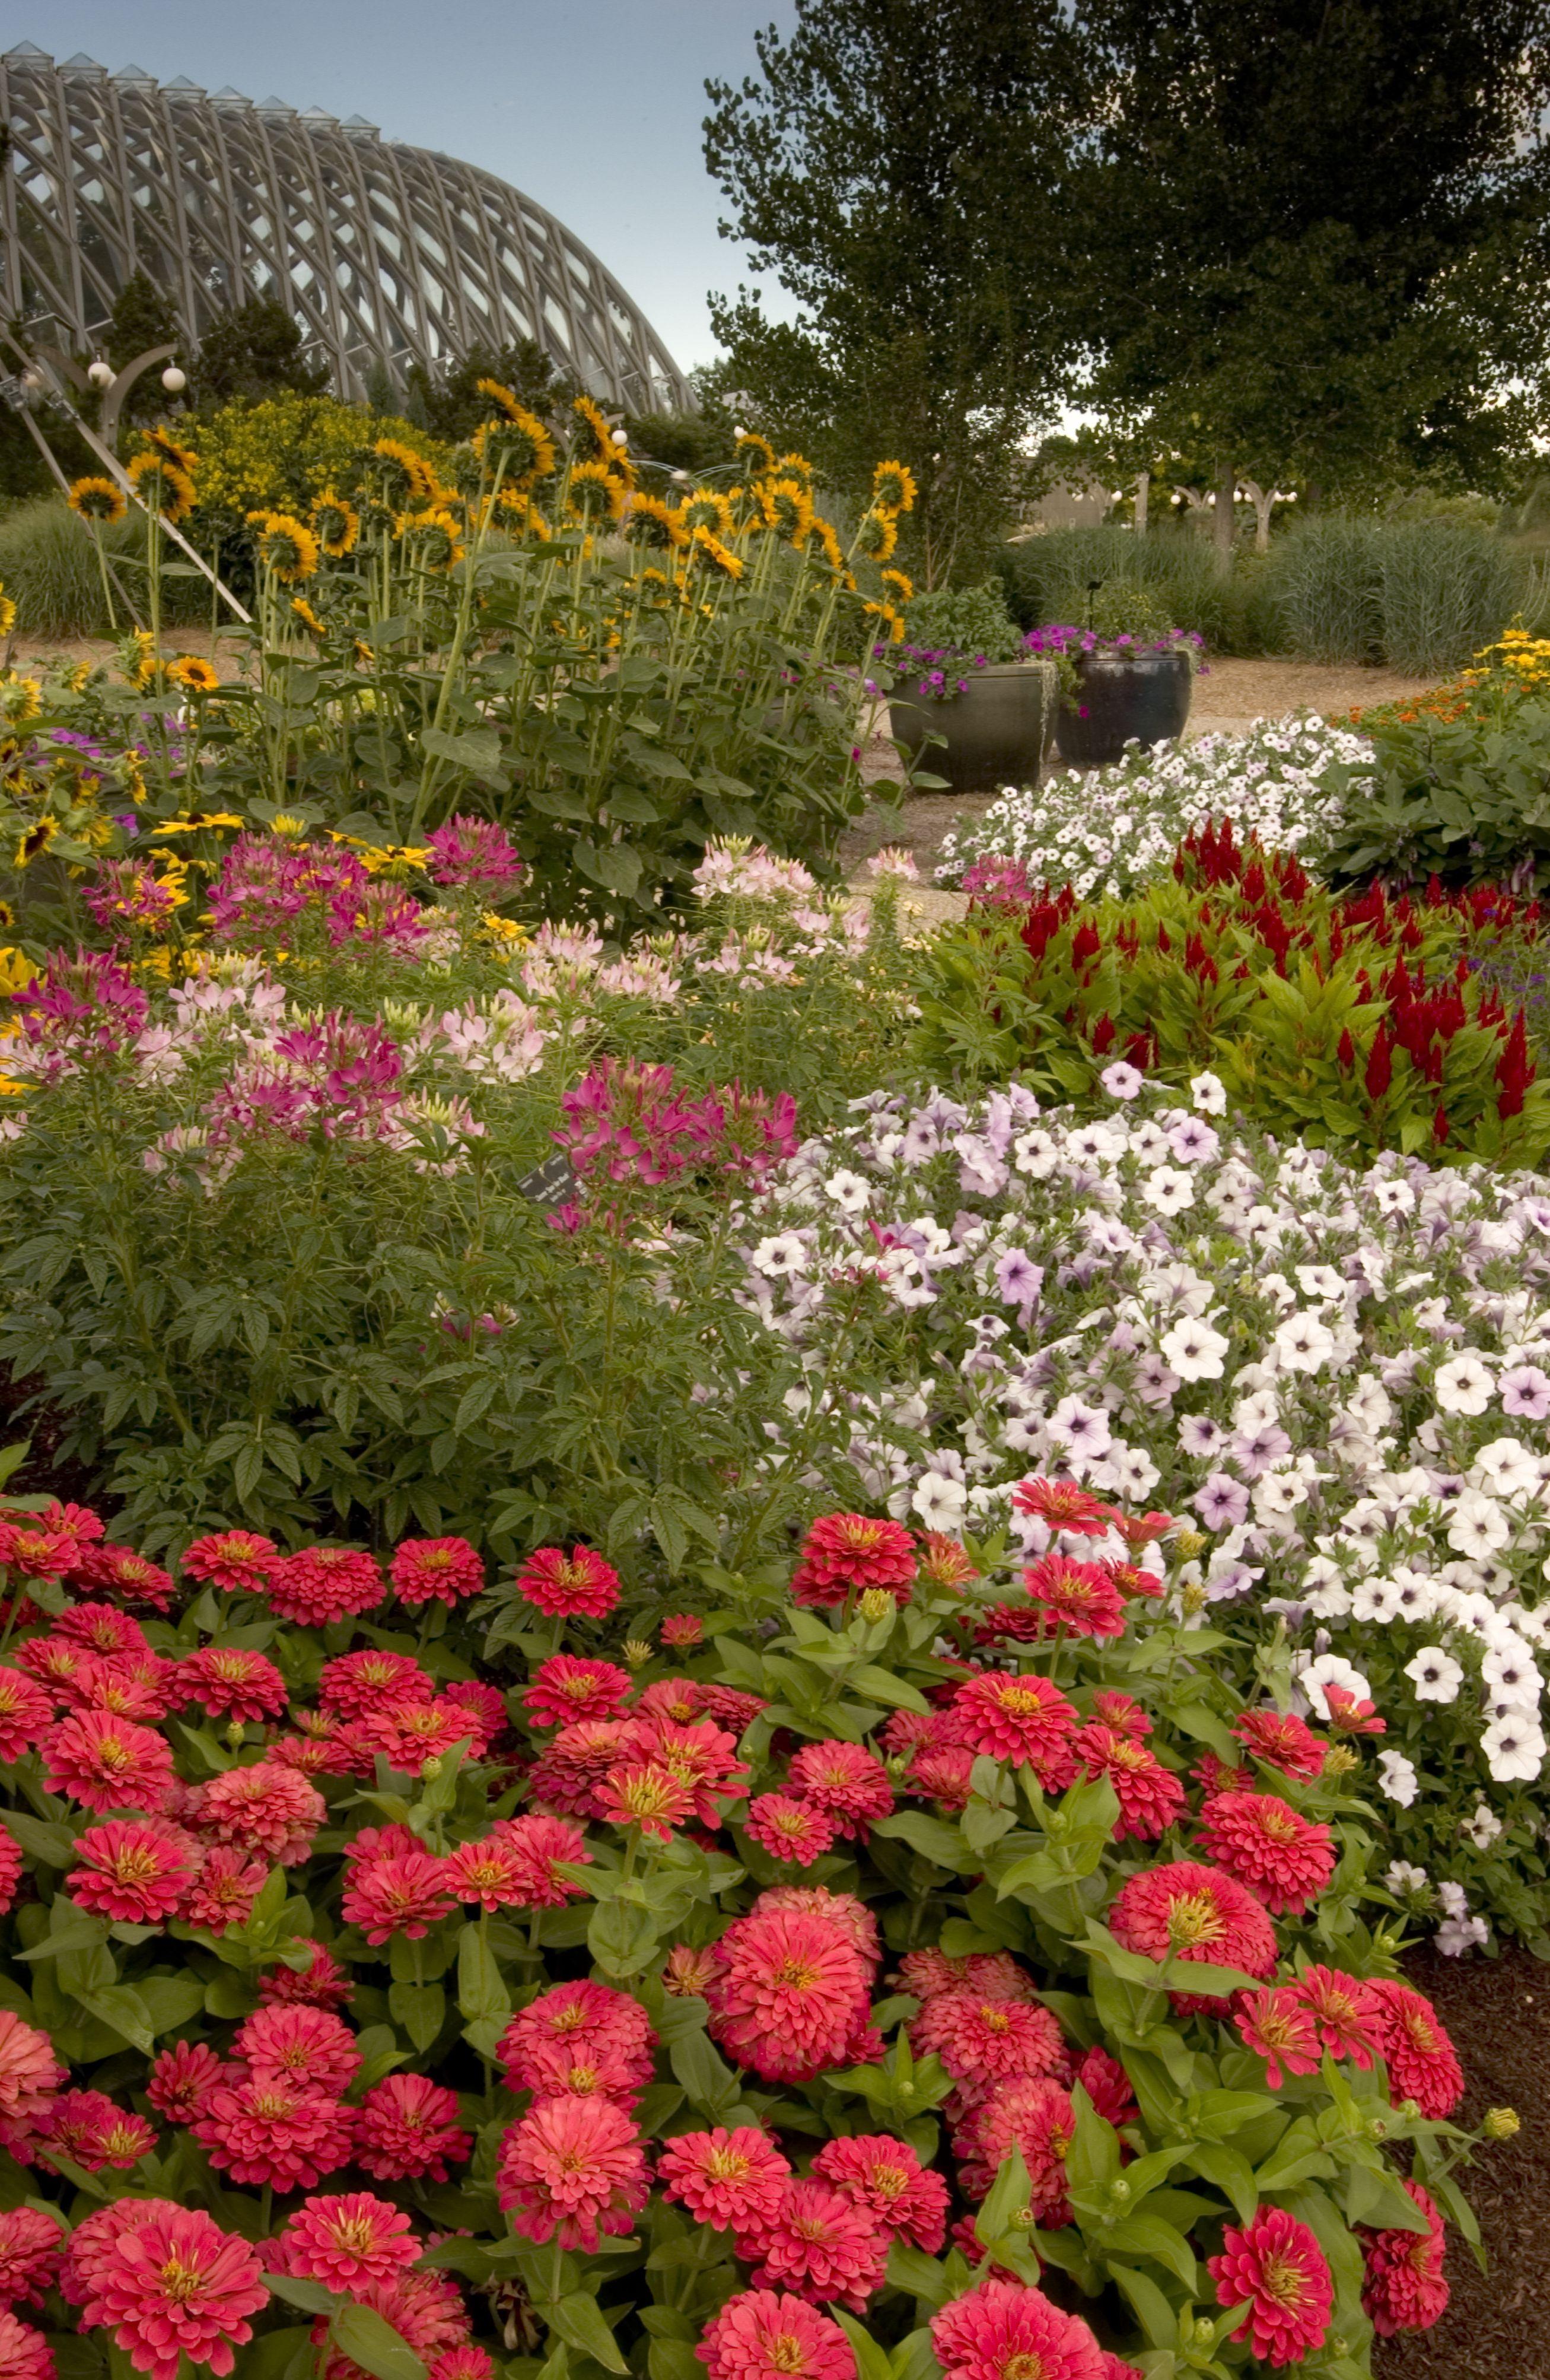 eb69976ef9f1bab2bd3eb39dcc2de2a8 - Denver Botanic Gardens Free Days Denver